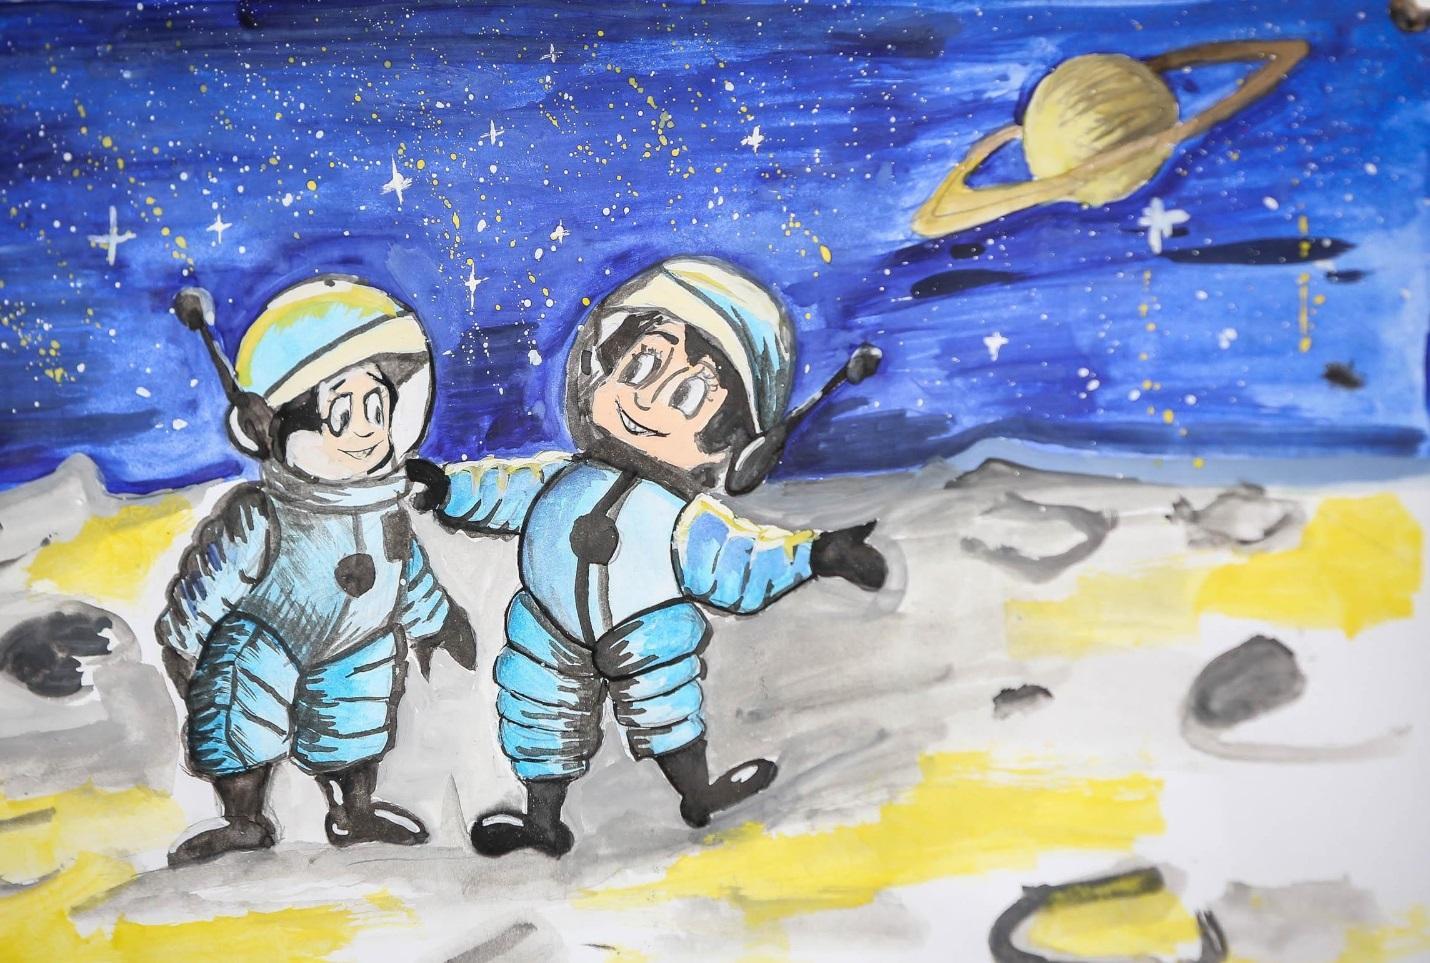 фпс картинки день космонавтики 1 класс все беды